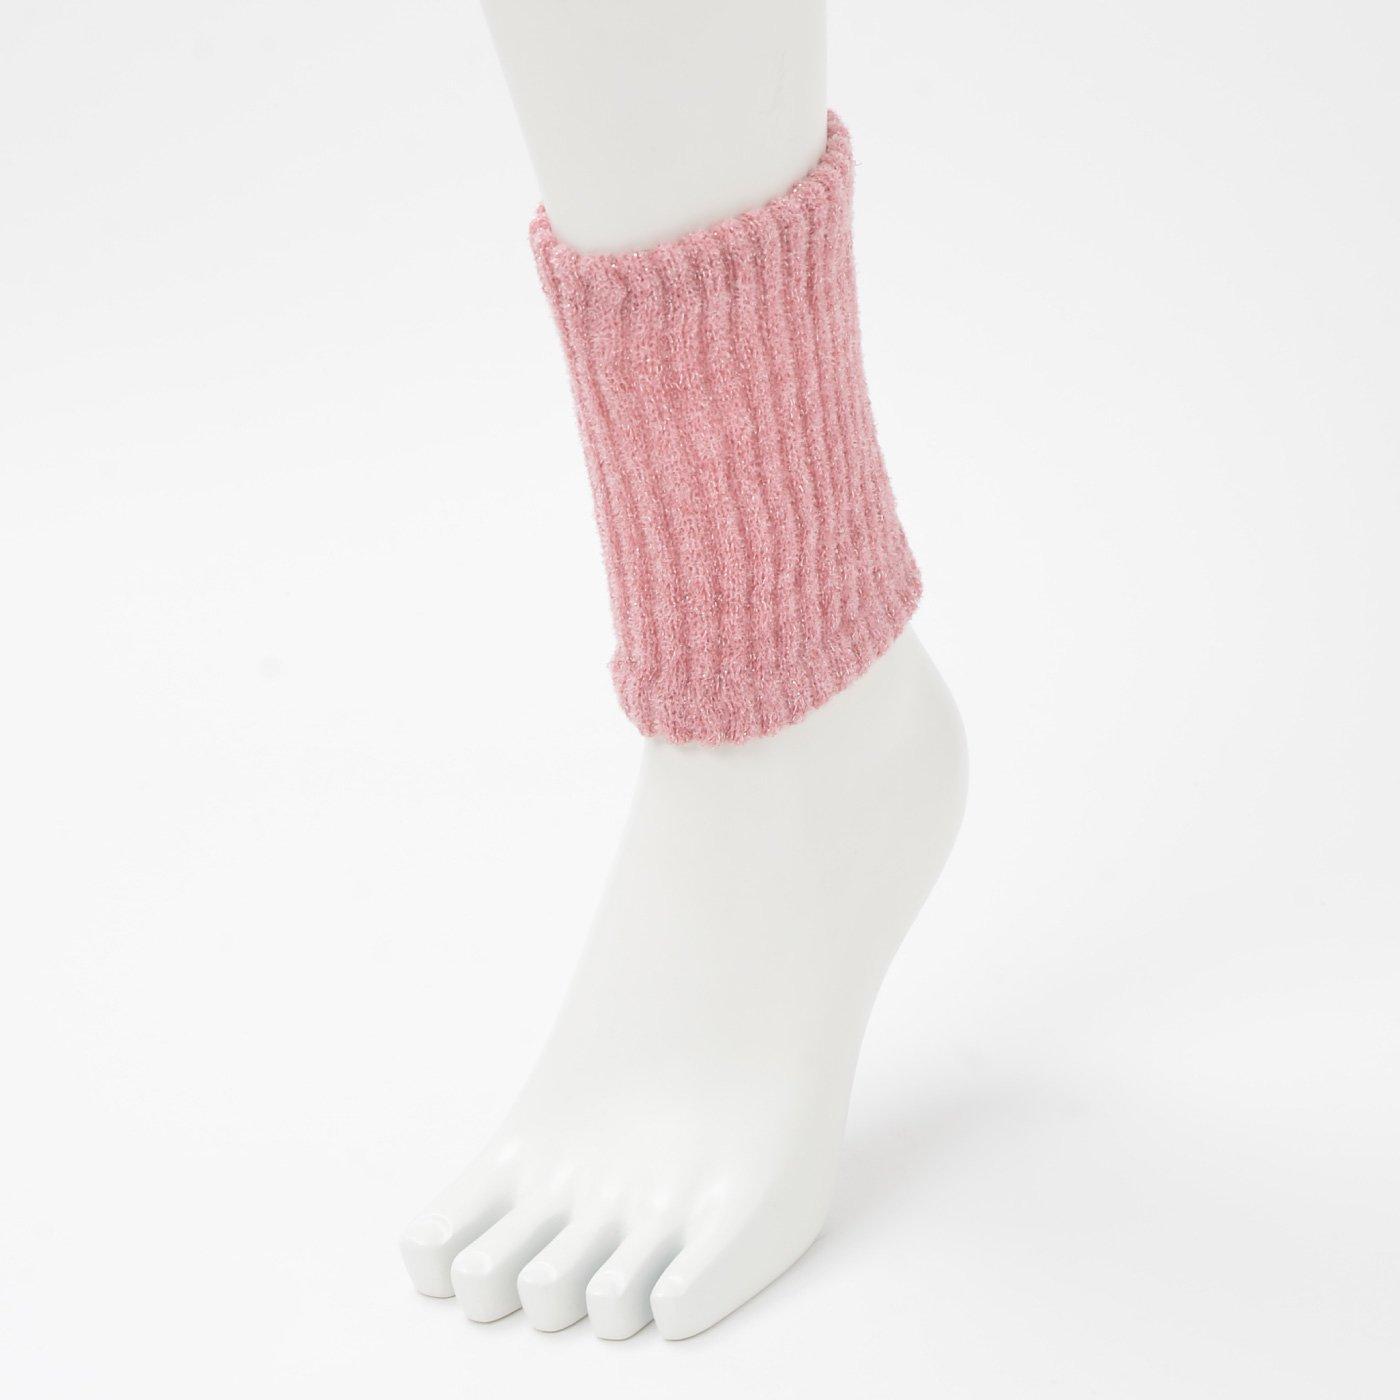 断熱繊維で暖か 内側シルクの手首&足首ウォーマー